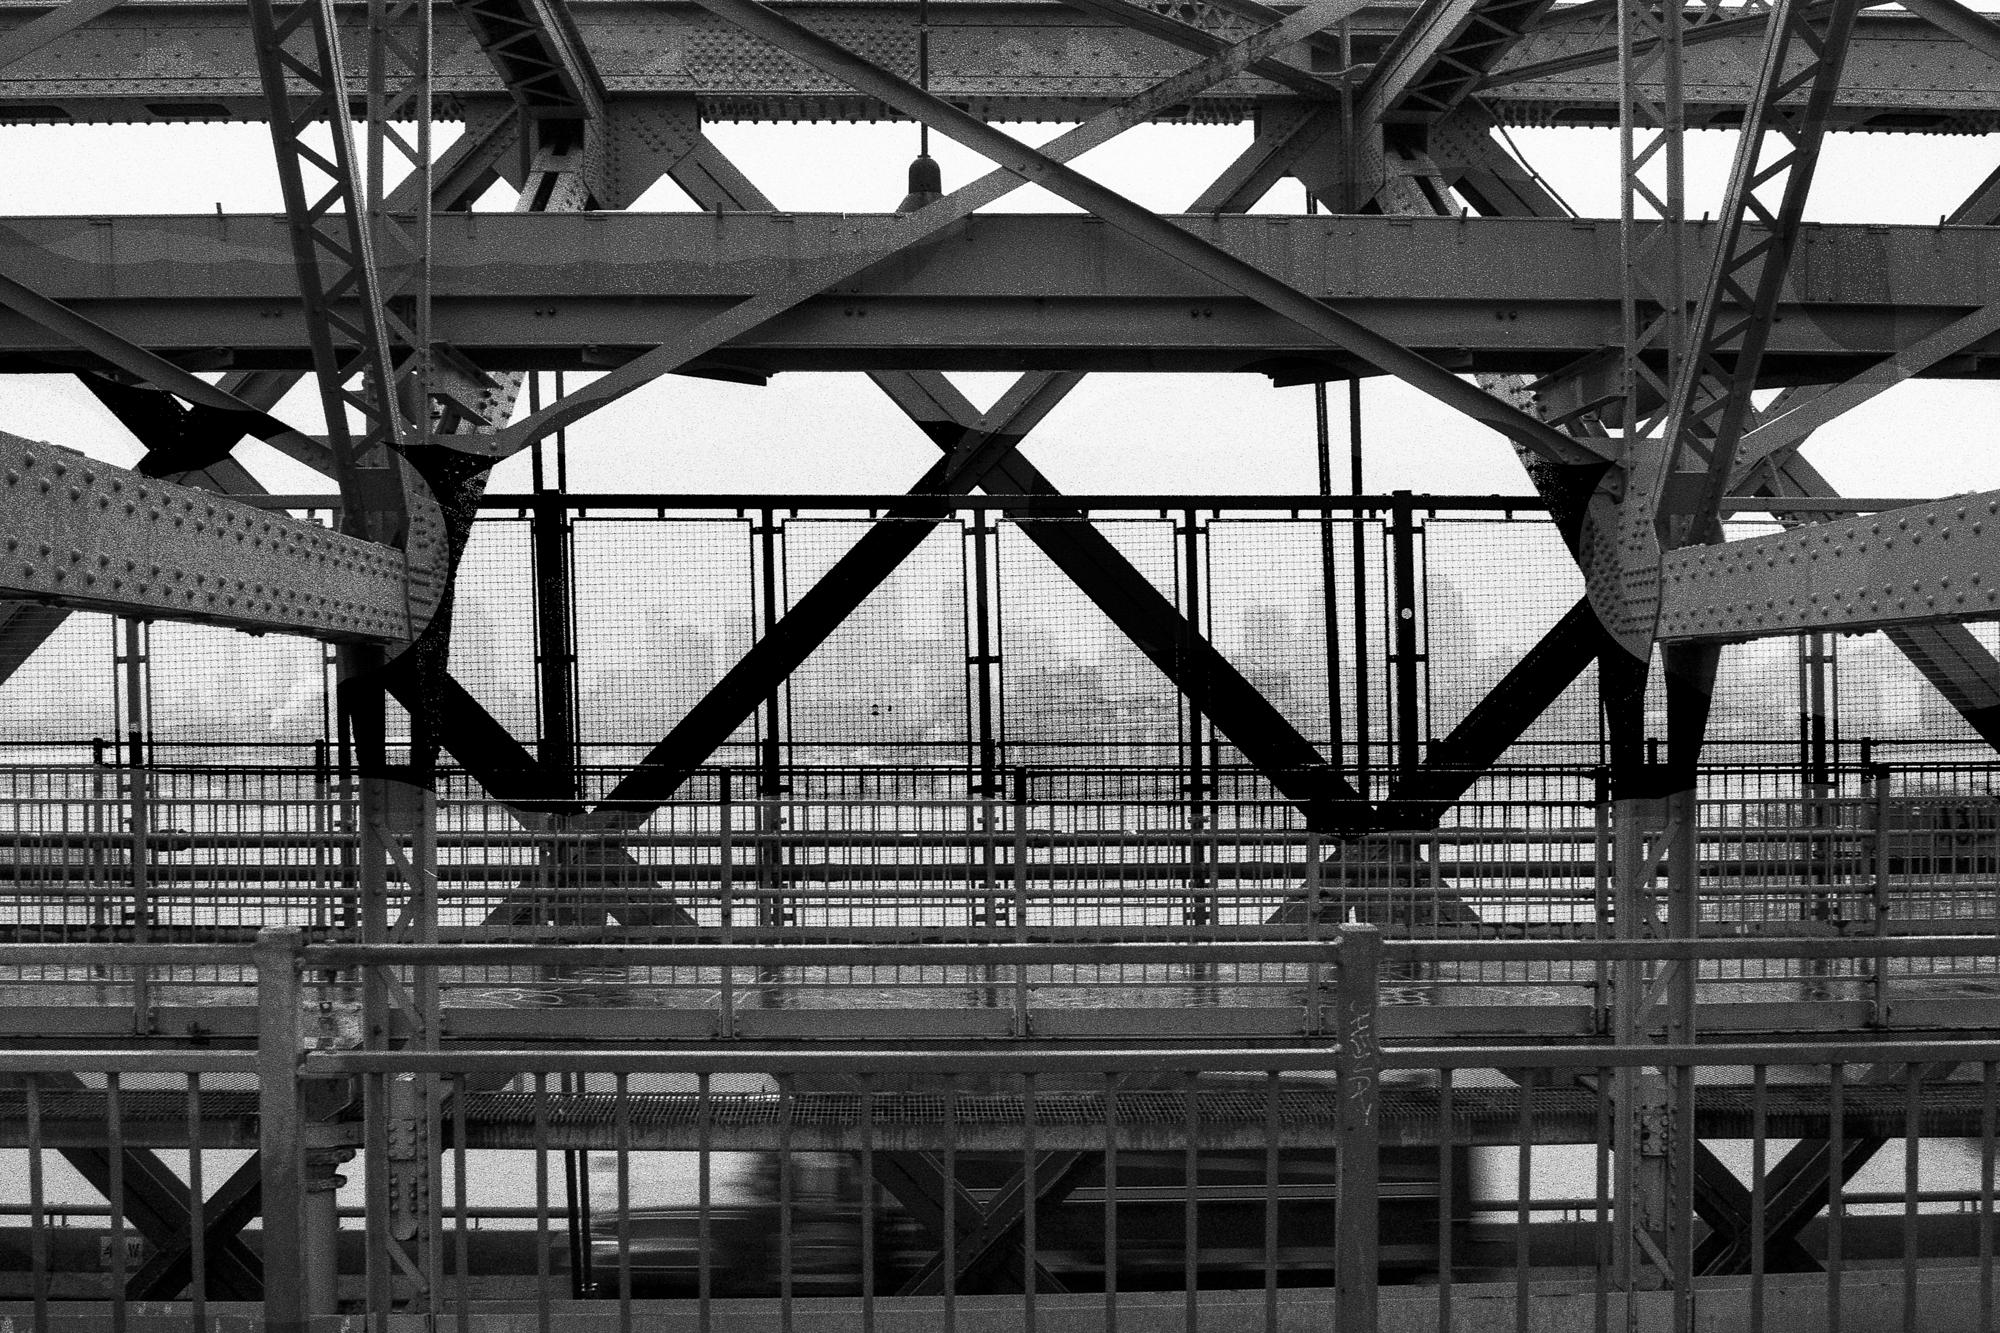 M Train Williamsburg Bridge Manhattan, N.Y